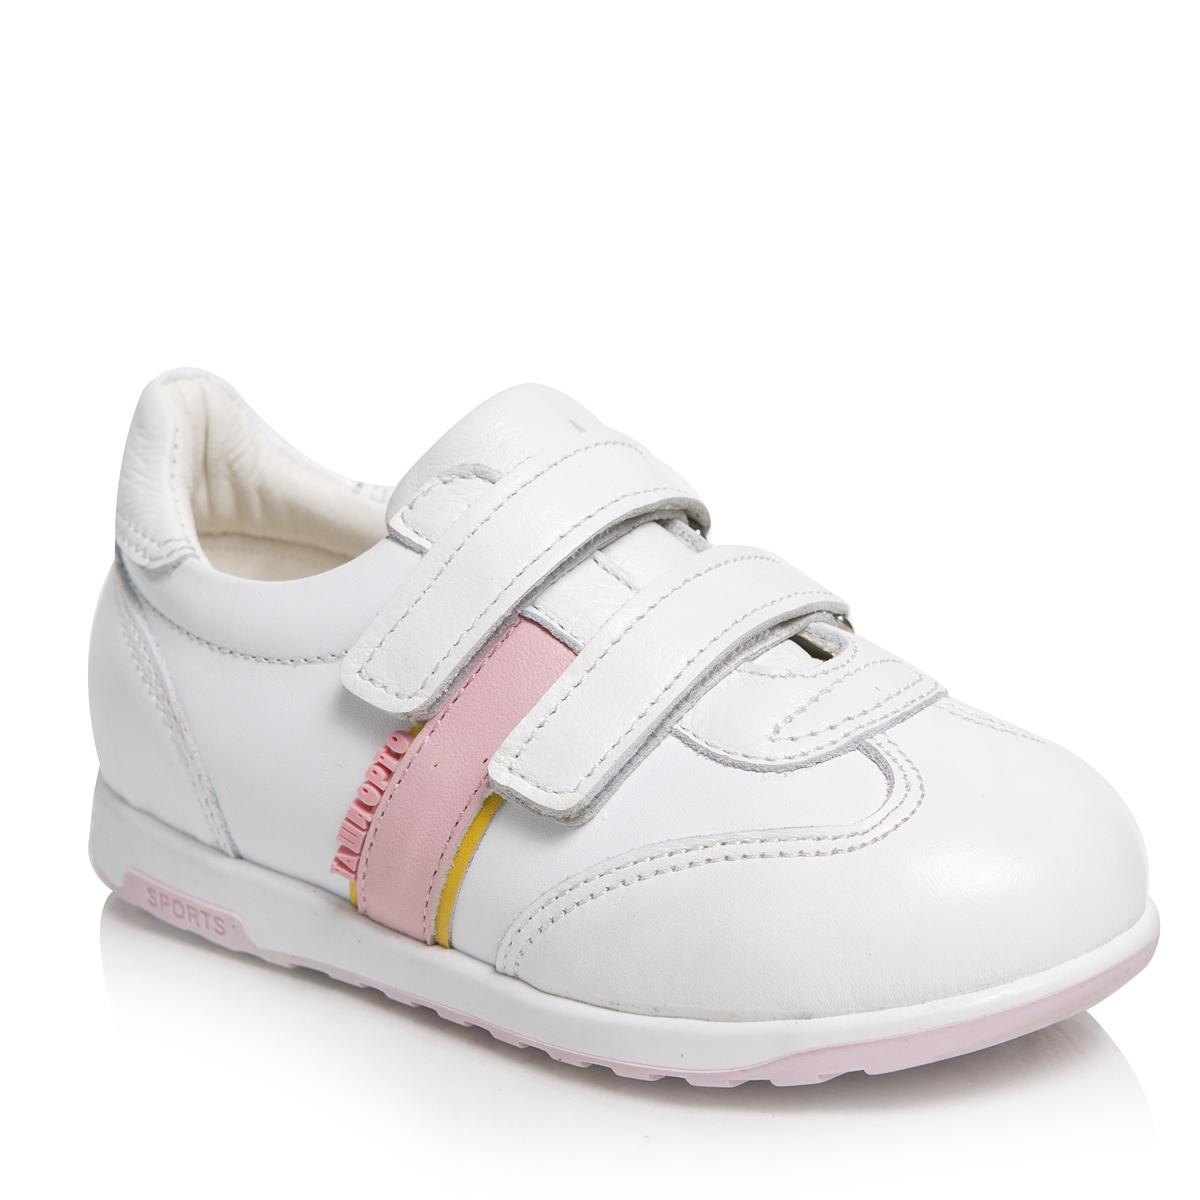 Кроссовки для девочки Таши Орто, цвет: белый, розовый. 271-07. Размер 21 таши орто обувь